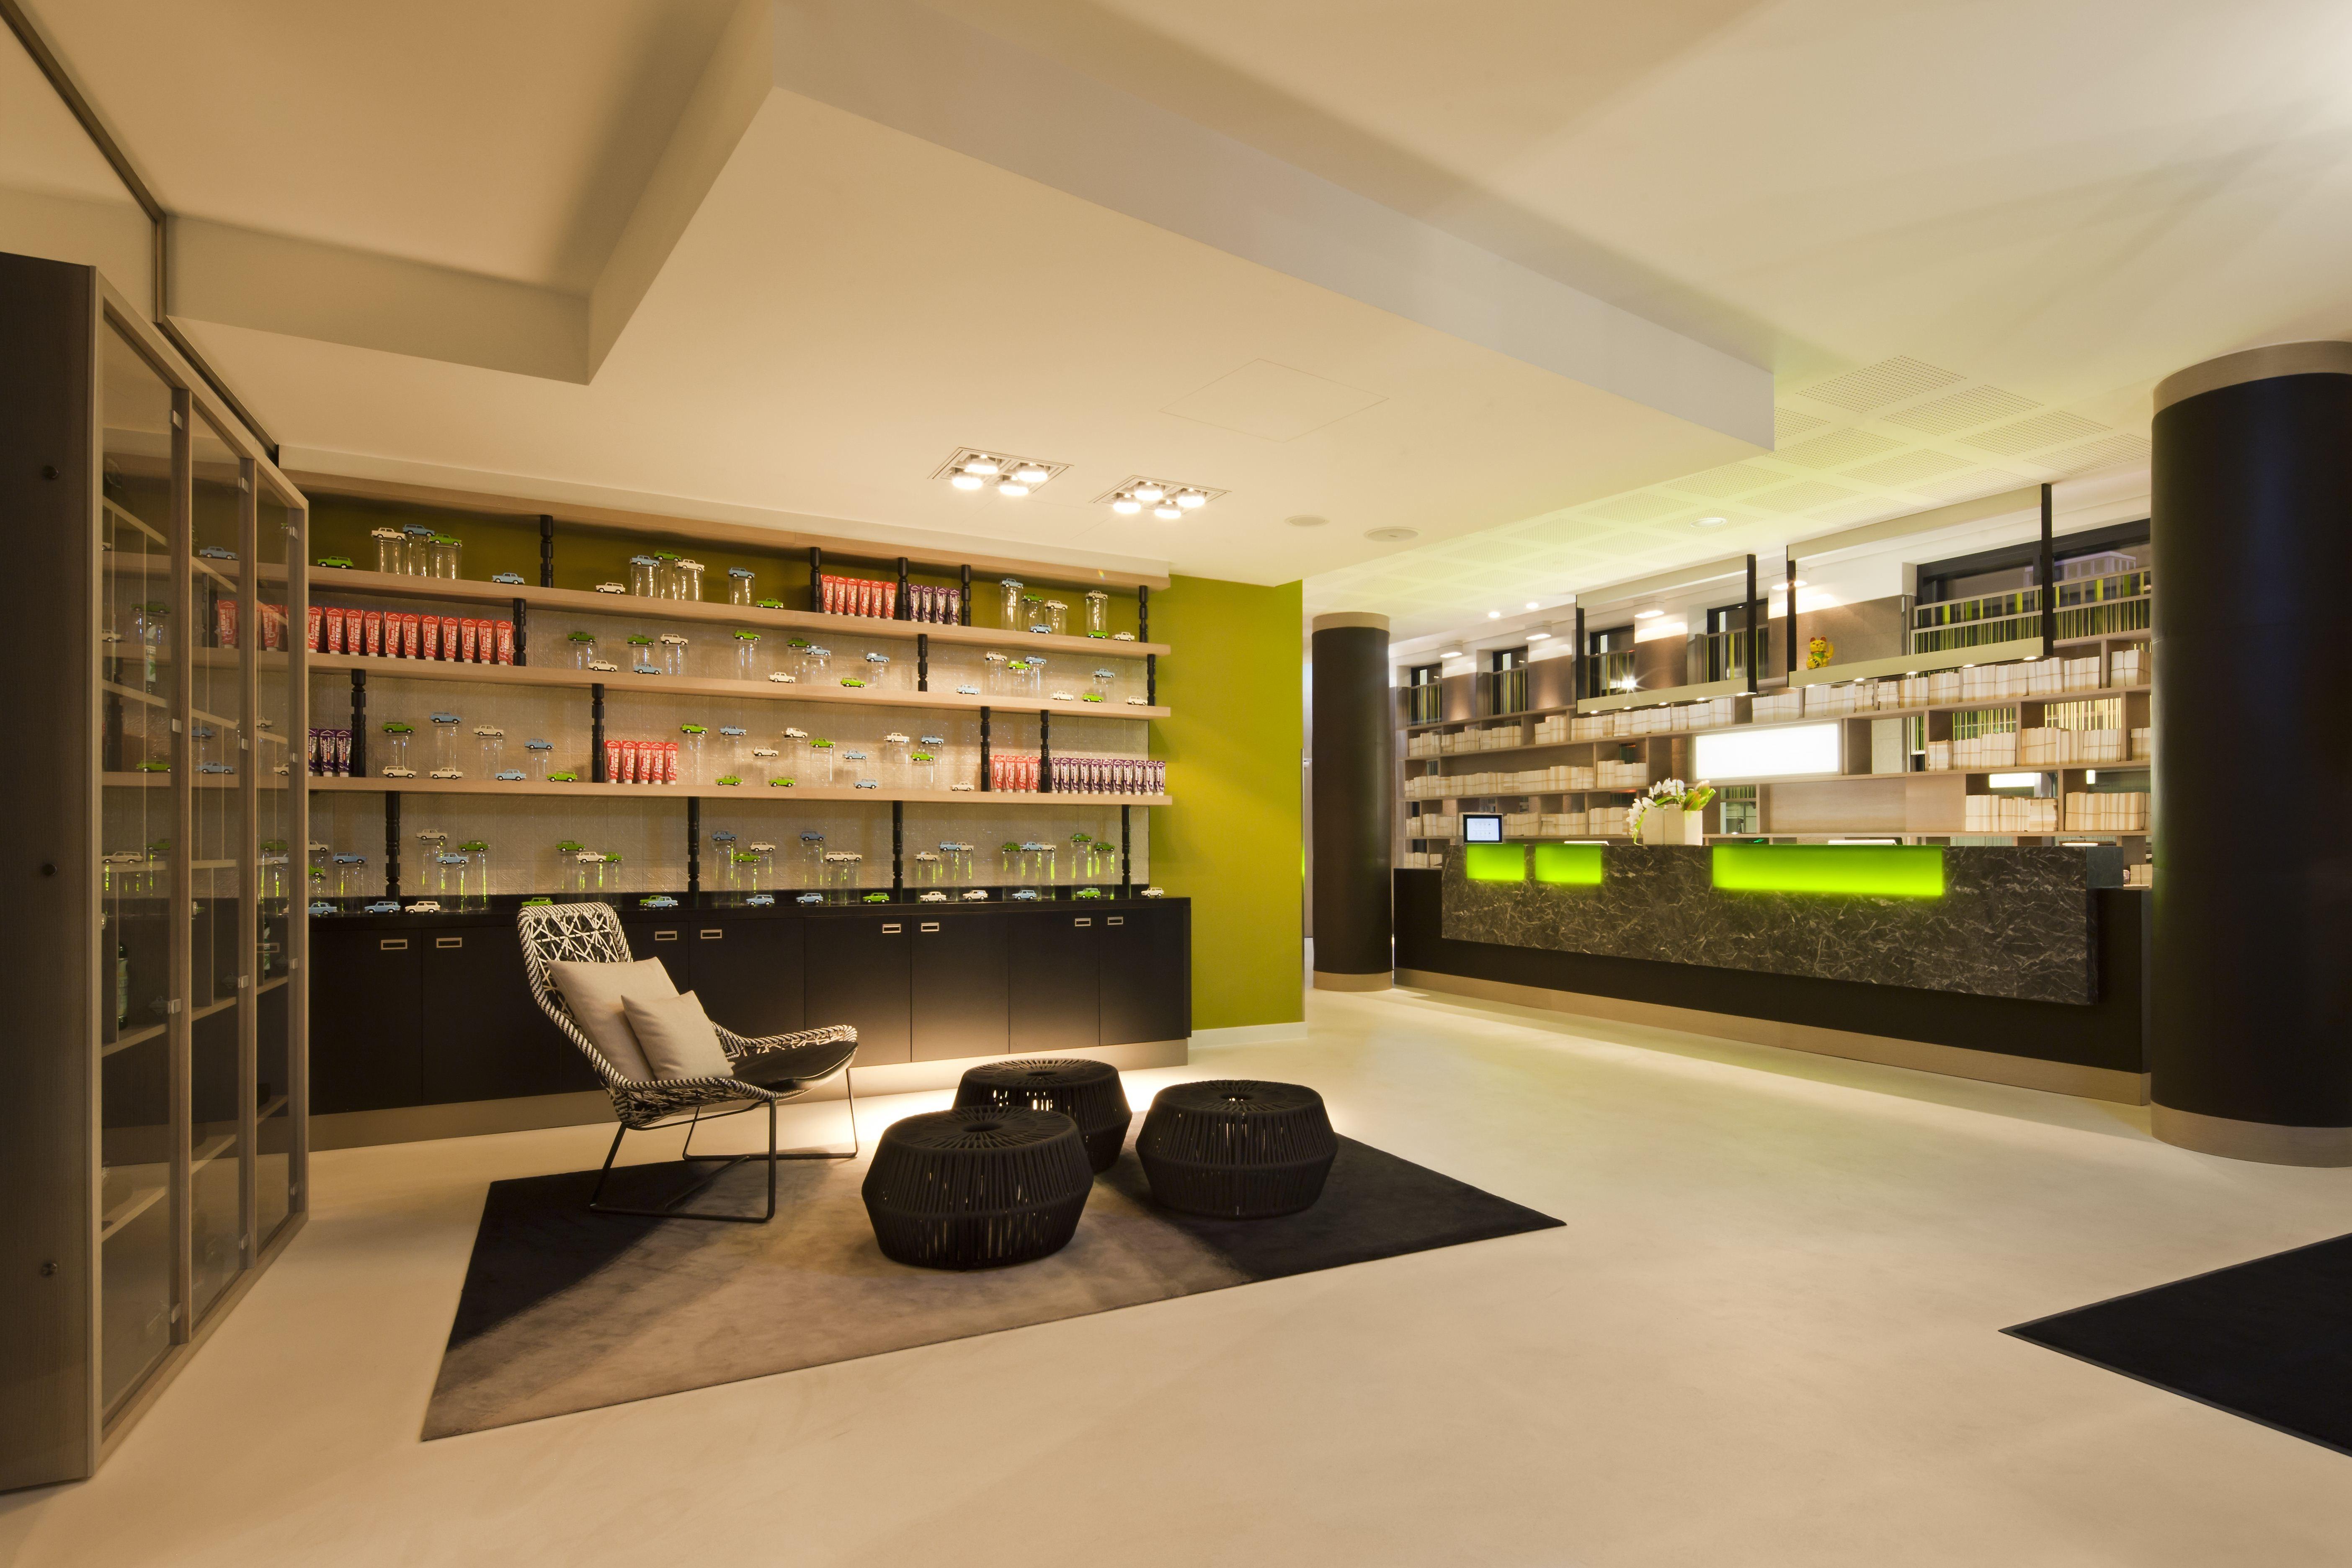 Woonkamer Met Bibliotheek : Gratis afbeeldingen gebouw eigendom woonkamer kamer